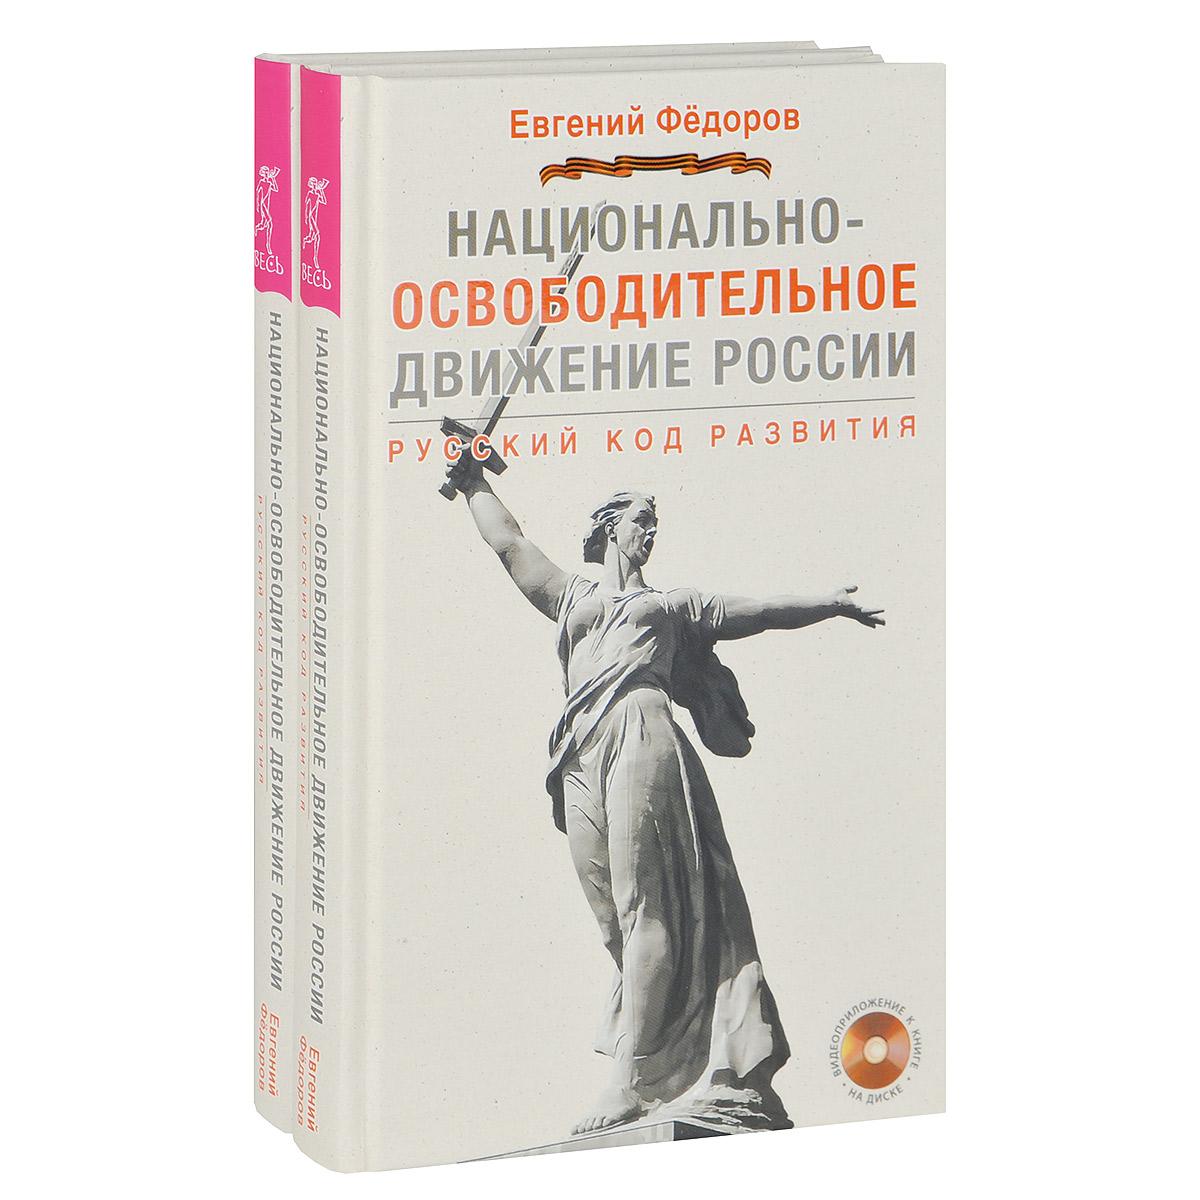 Национально-освободительное движение в России. Русский код развития (комплект из 2 книг + 2 видеоприложения на DVD)